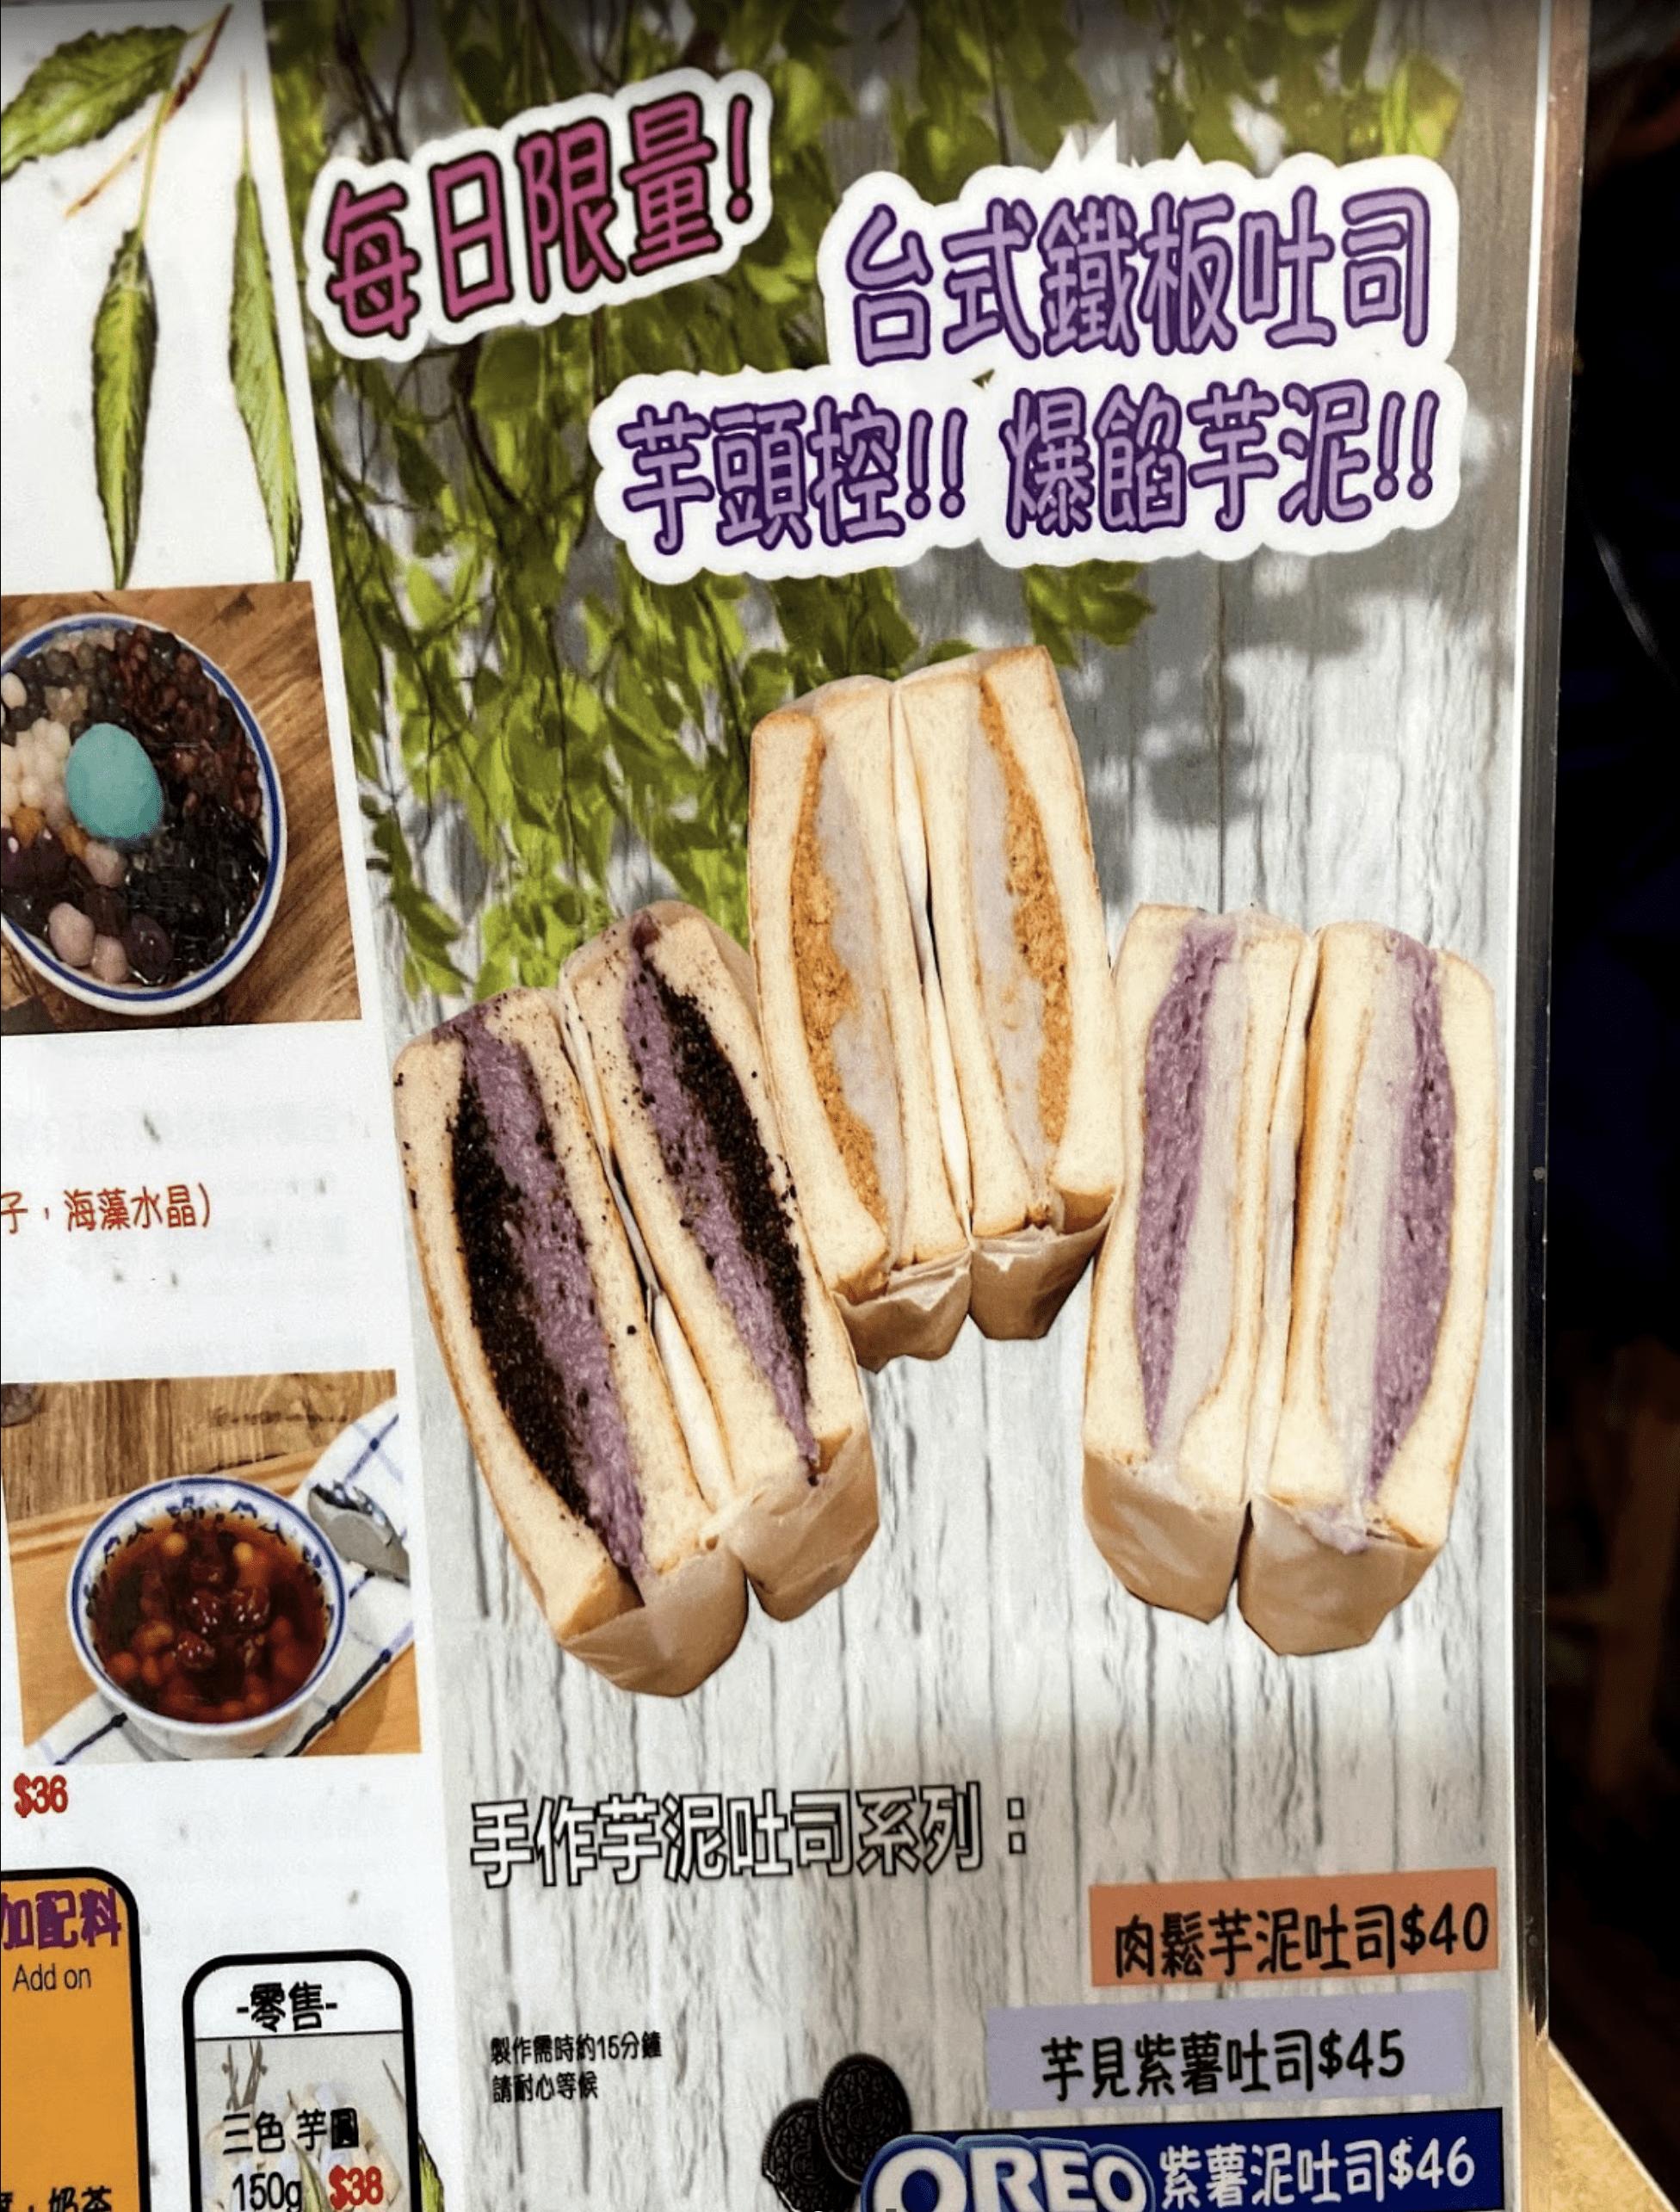 元朗美食 / 羅東肉焿番 / 元朗鳳翔路69號建輝大廈地下5號舖